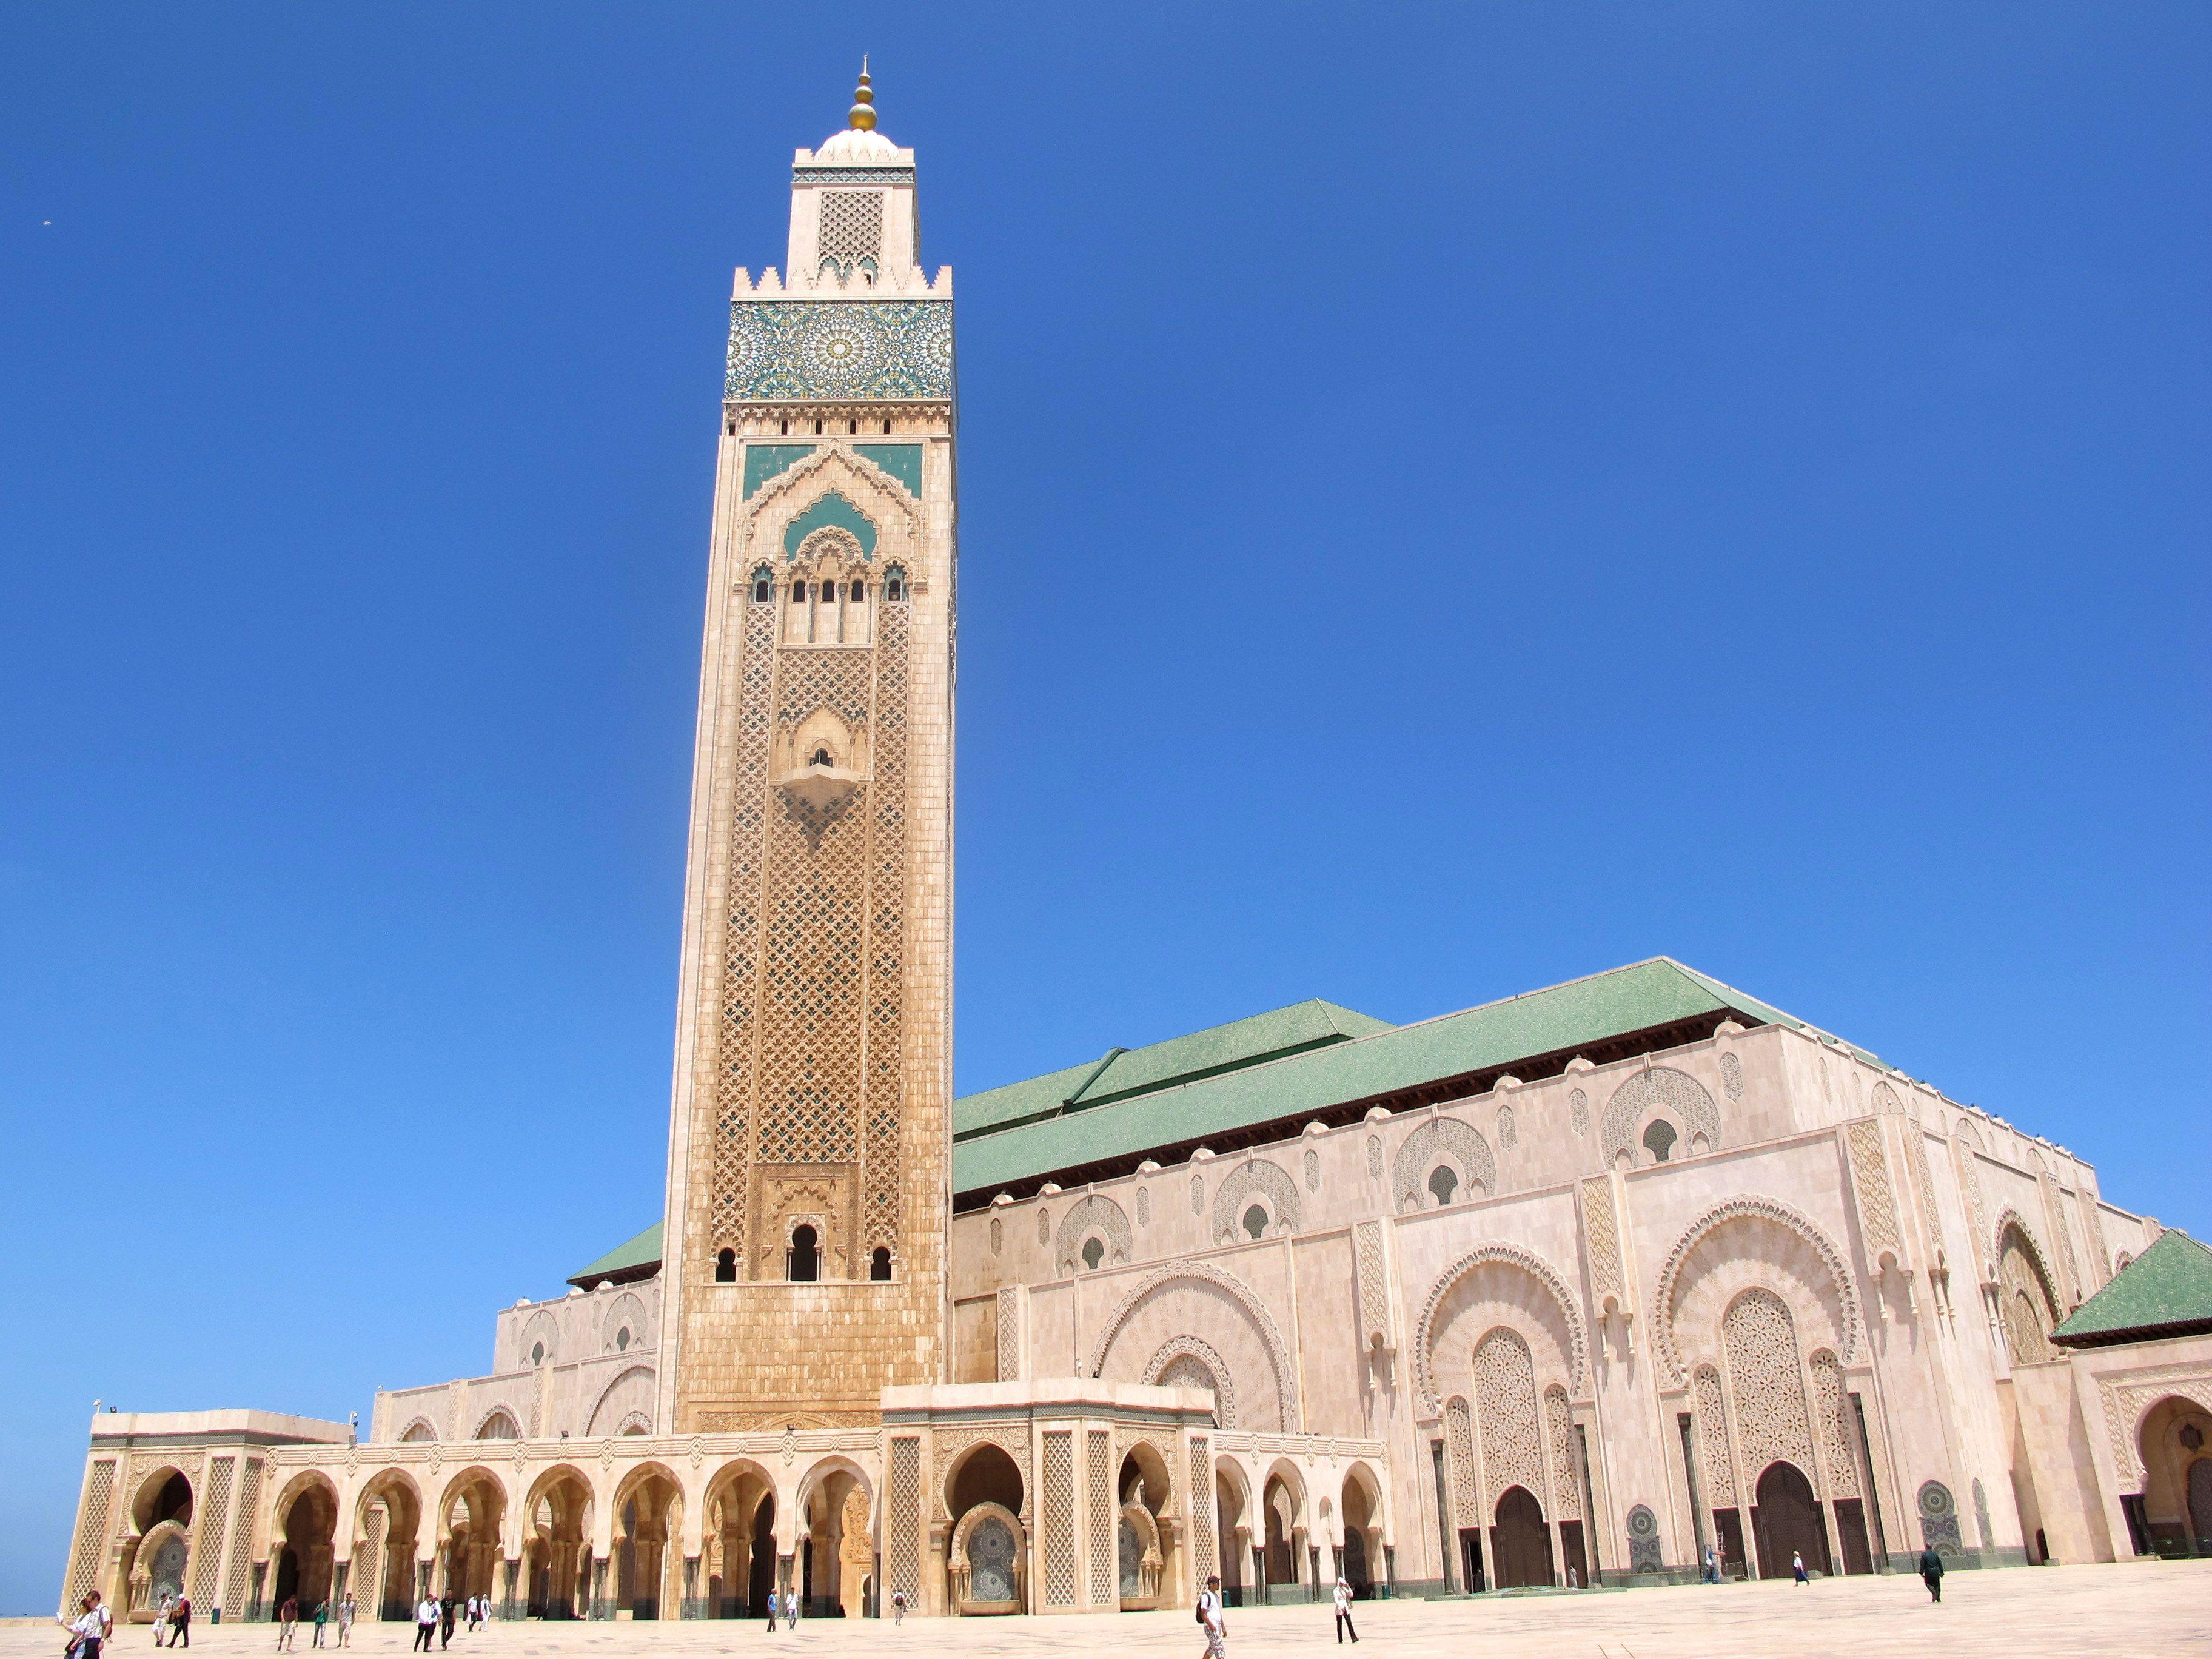 High-tech Mosque